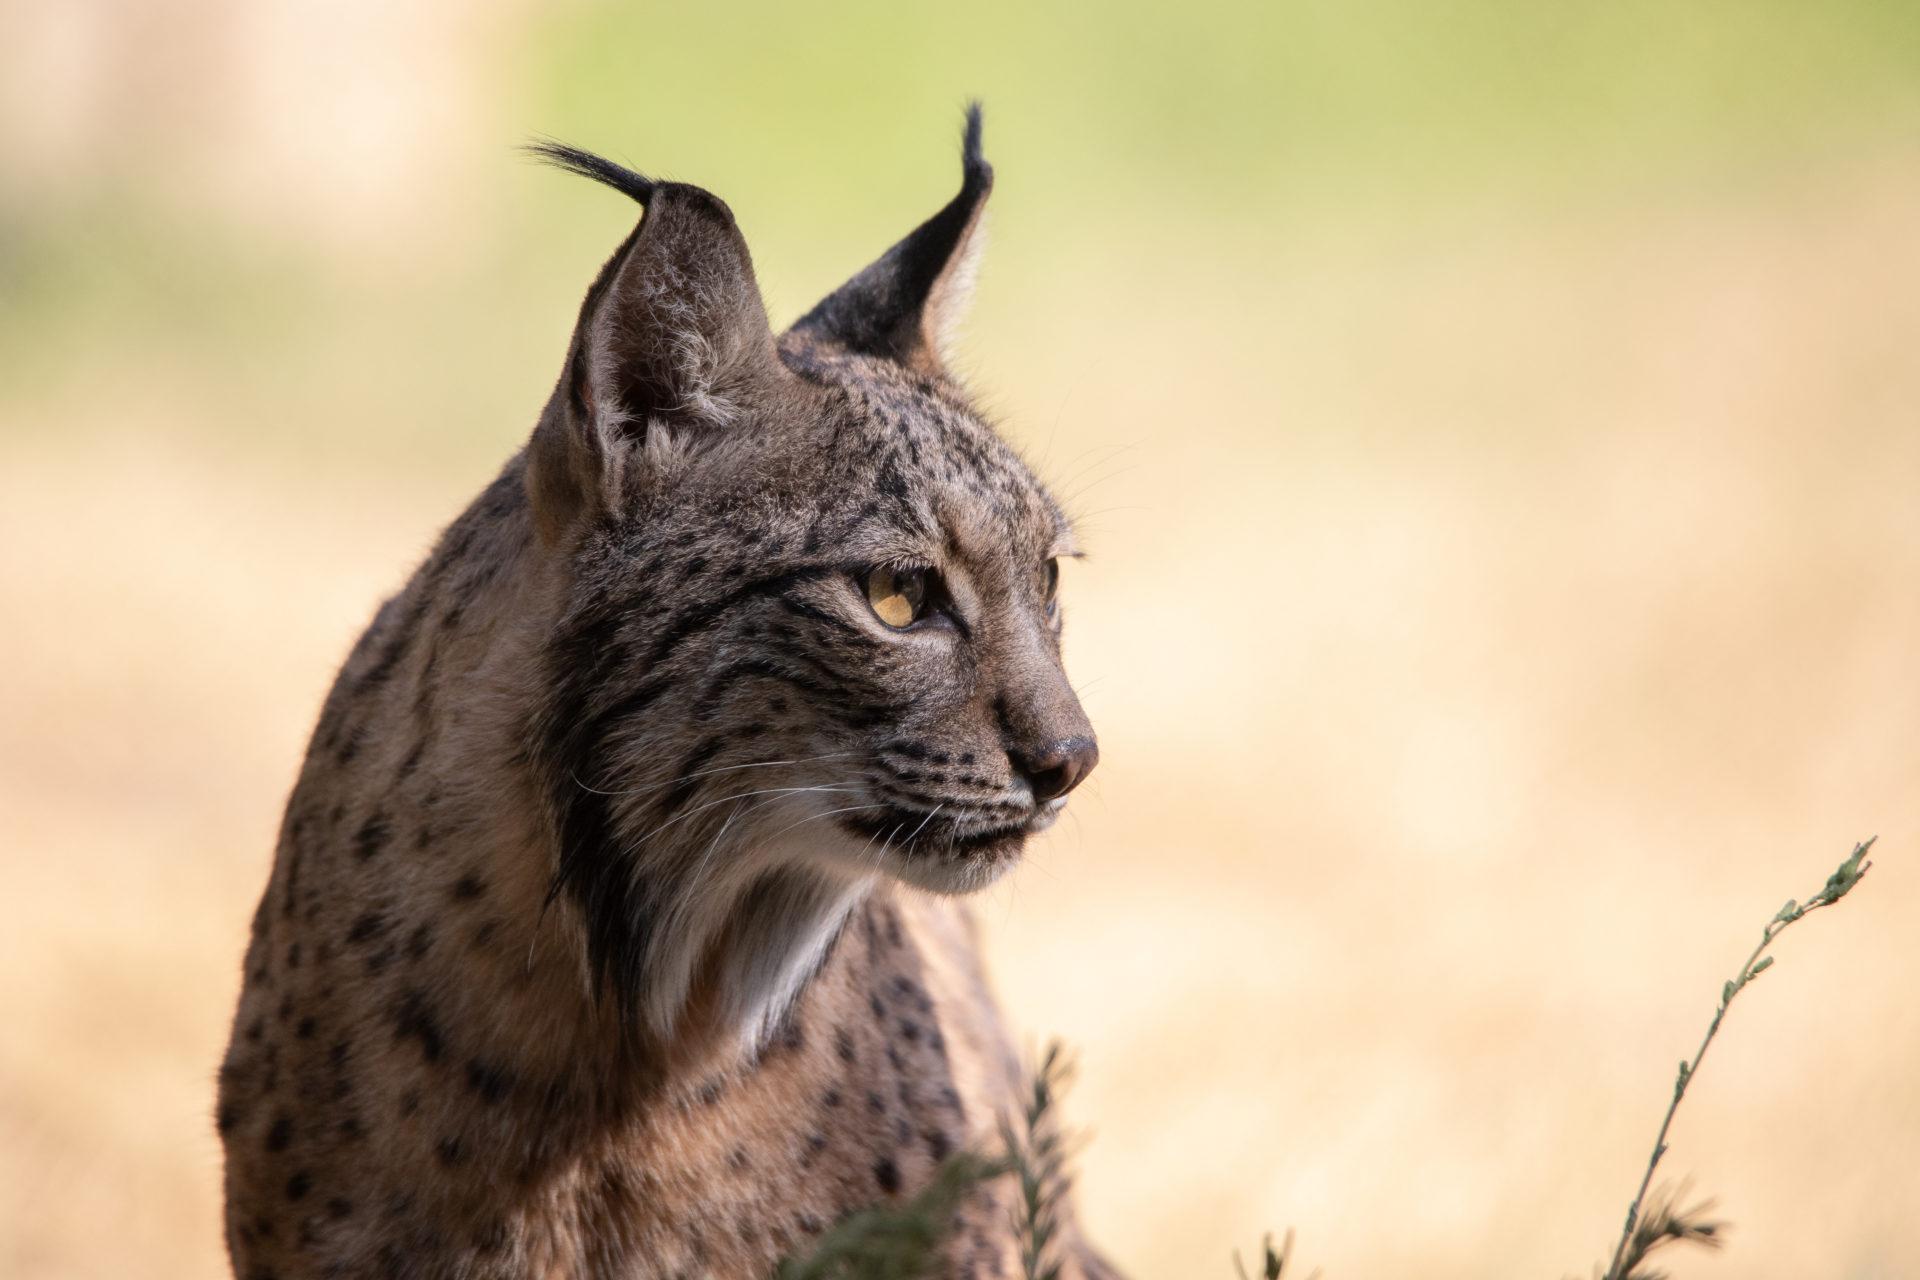 Conoce cuánto sabes sobre los animales en peligro de extinción y la importancia de preservar su supervivencia